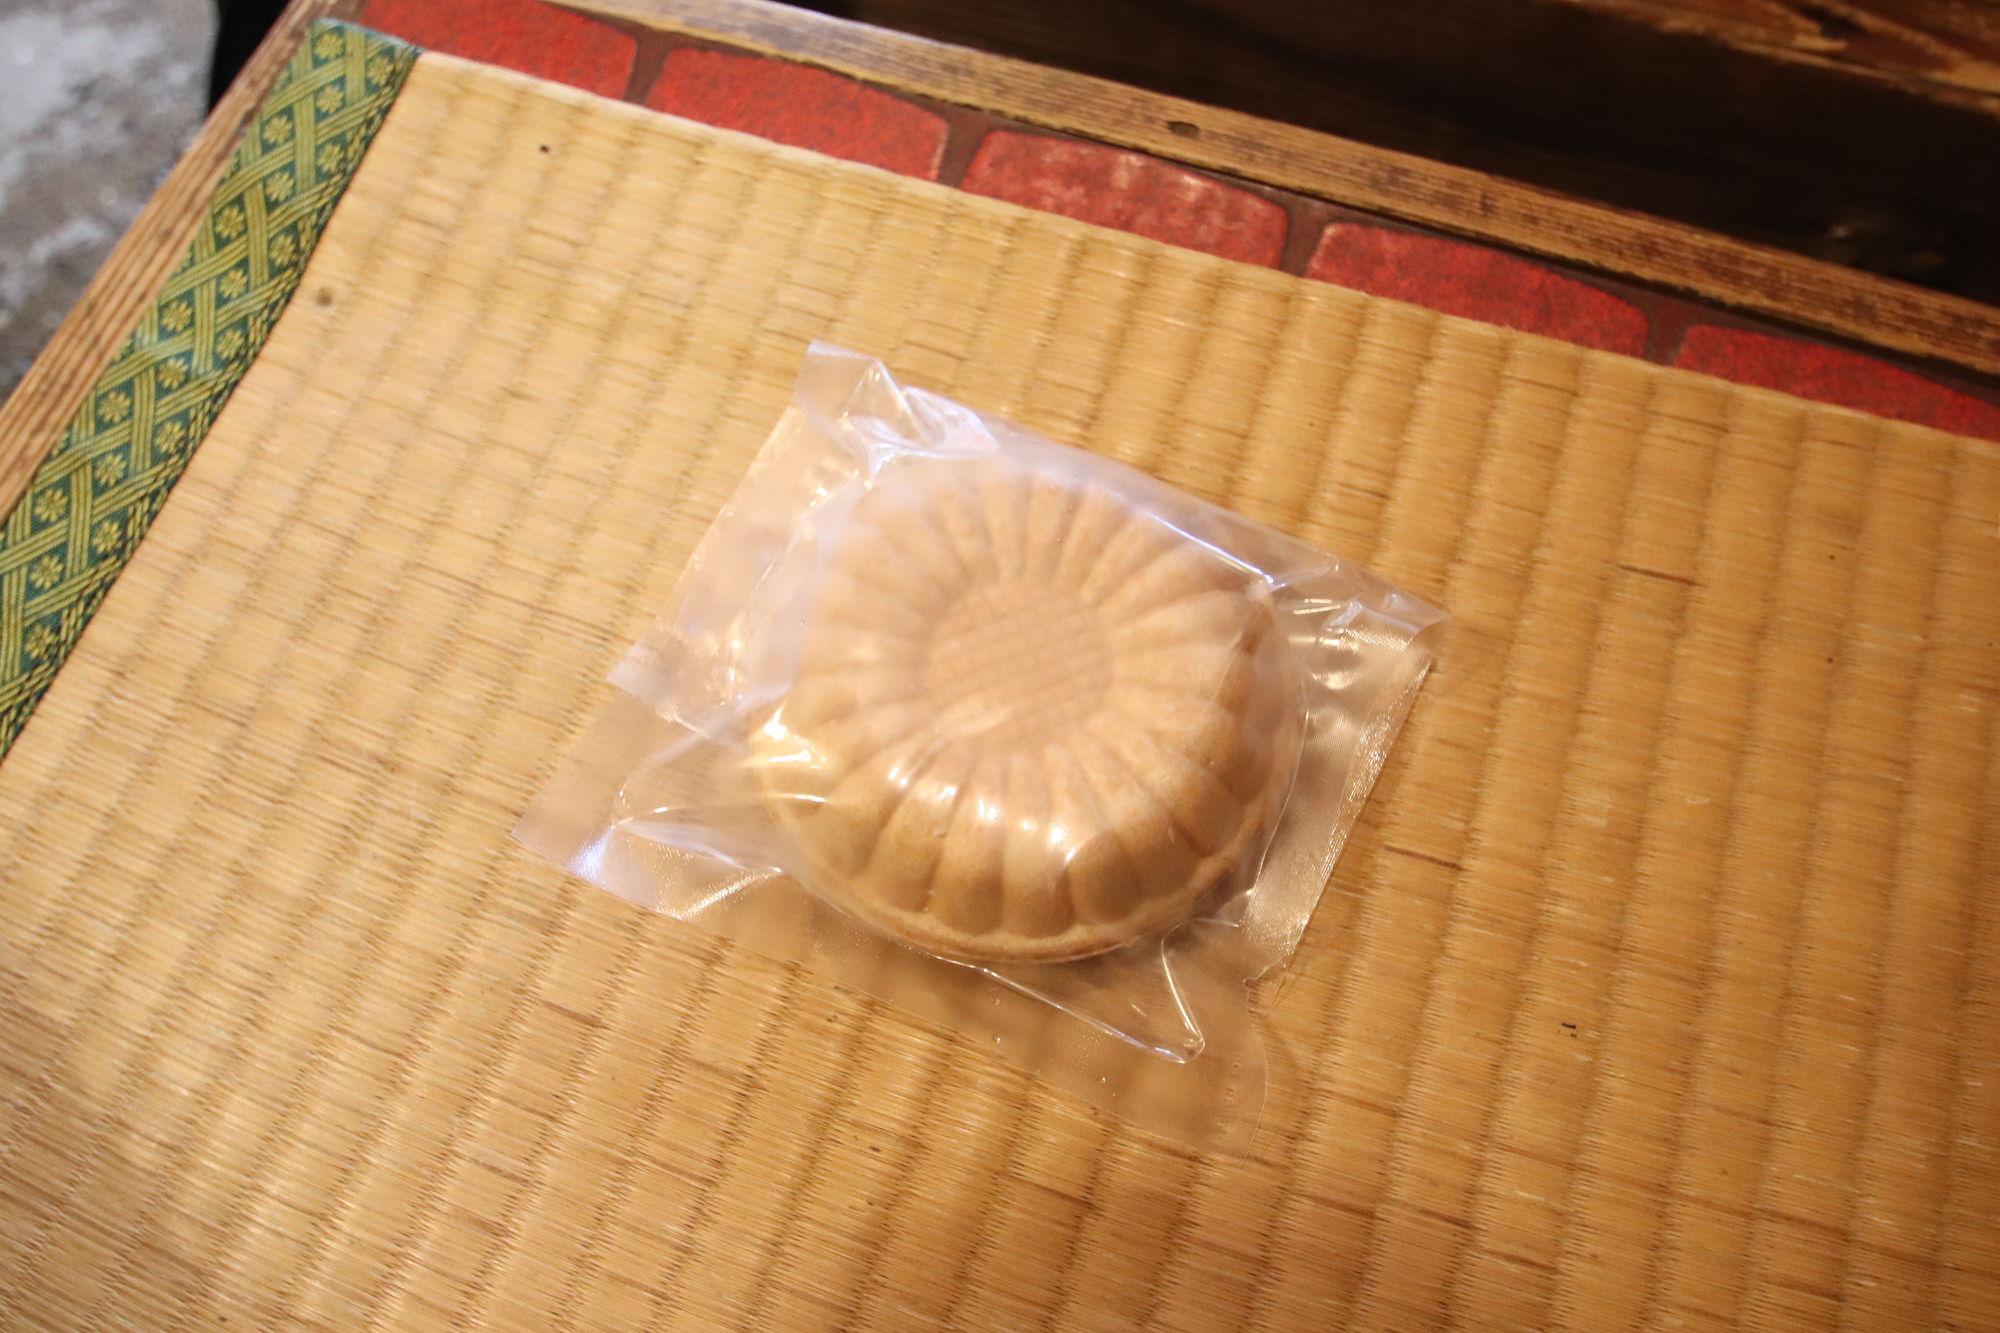 伏見稲荷神社で食べた「最中」